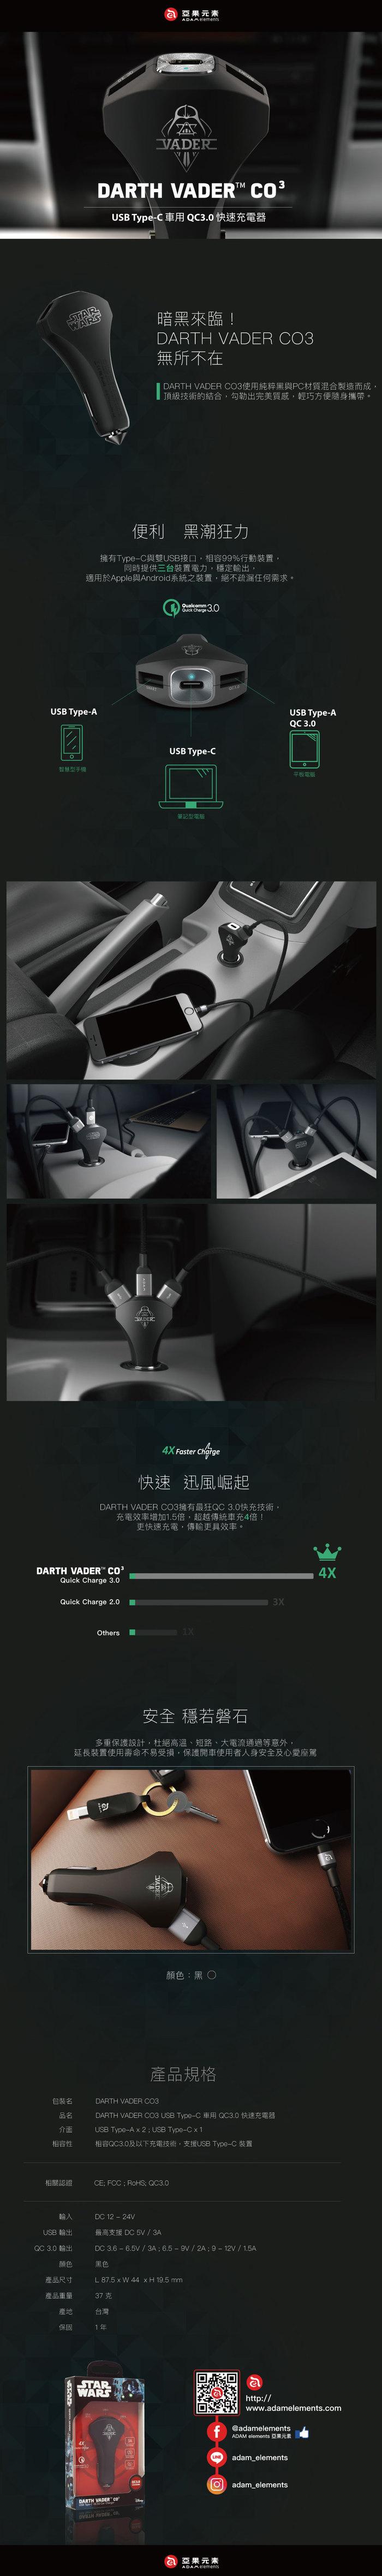 (複製)ADAM|CASA CO3 USB-C QC3.0車用快速充電器